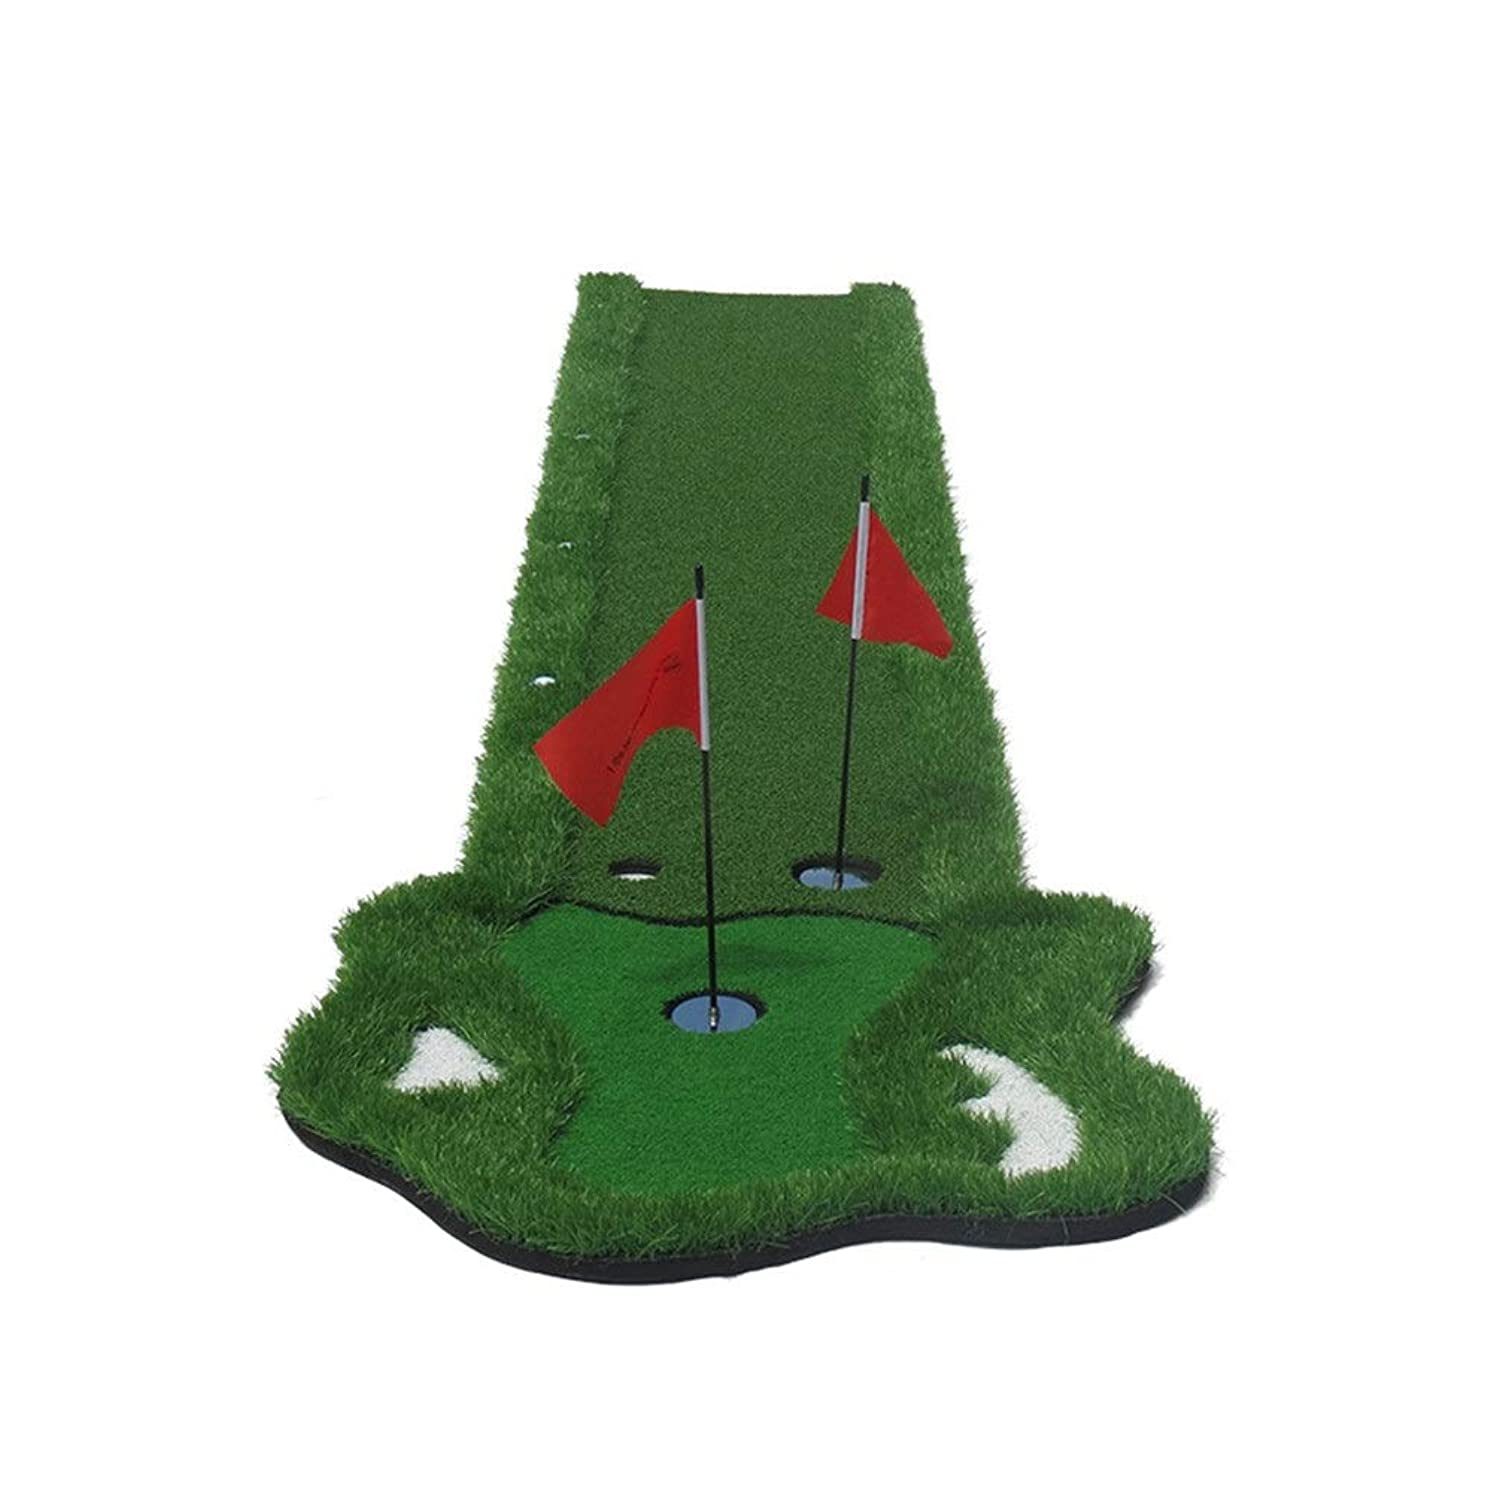 突撃マラウイ船上屋内ゴルフグリーンマット 環境ゴルフ人工グリーンゴルフパターカッティングロッドエクササイザーポータブルゴルフパッティングマット用ガーデン裏庭屋内と屋外スポーツで2旗6ボール ゴルフパターパッド (色 : 緑, サイズ : 0.5*3.5M)